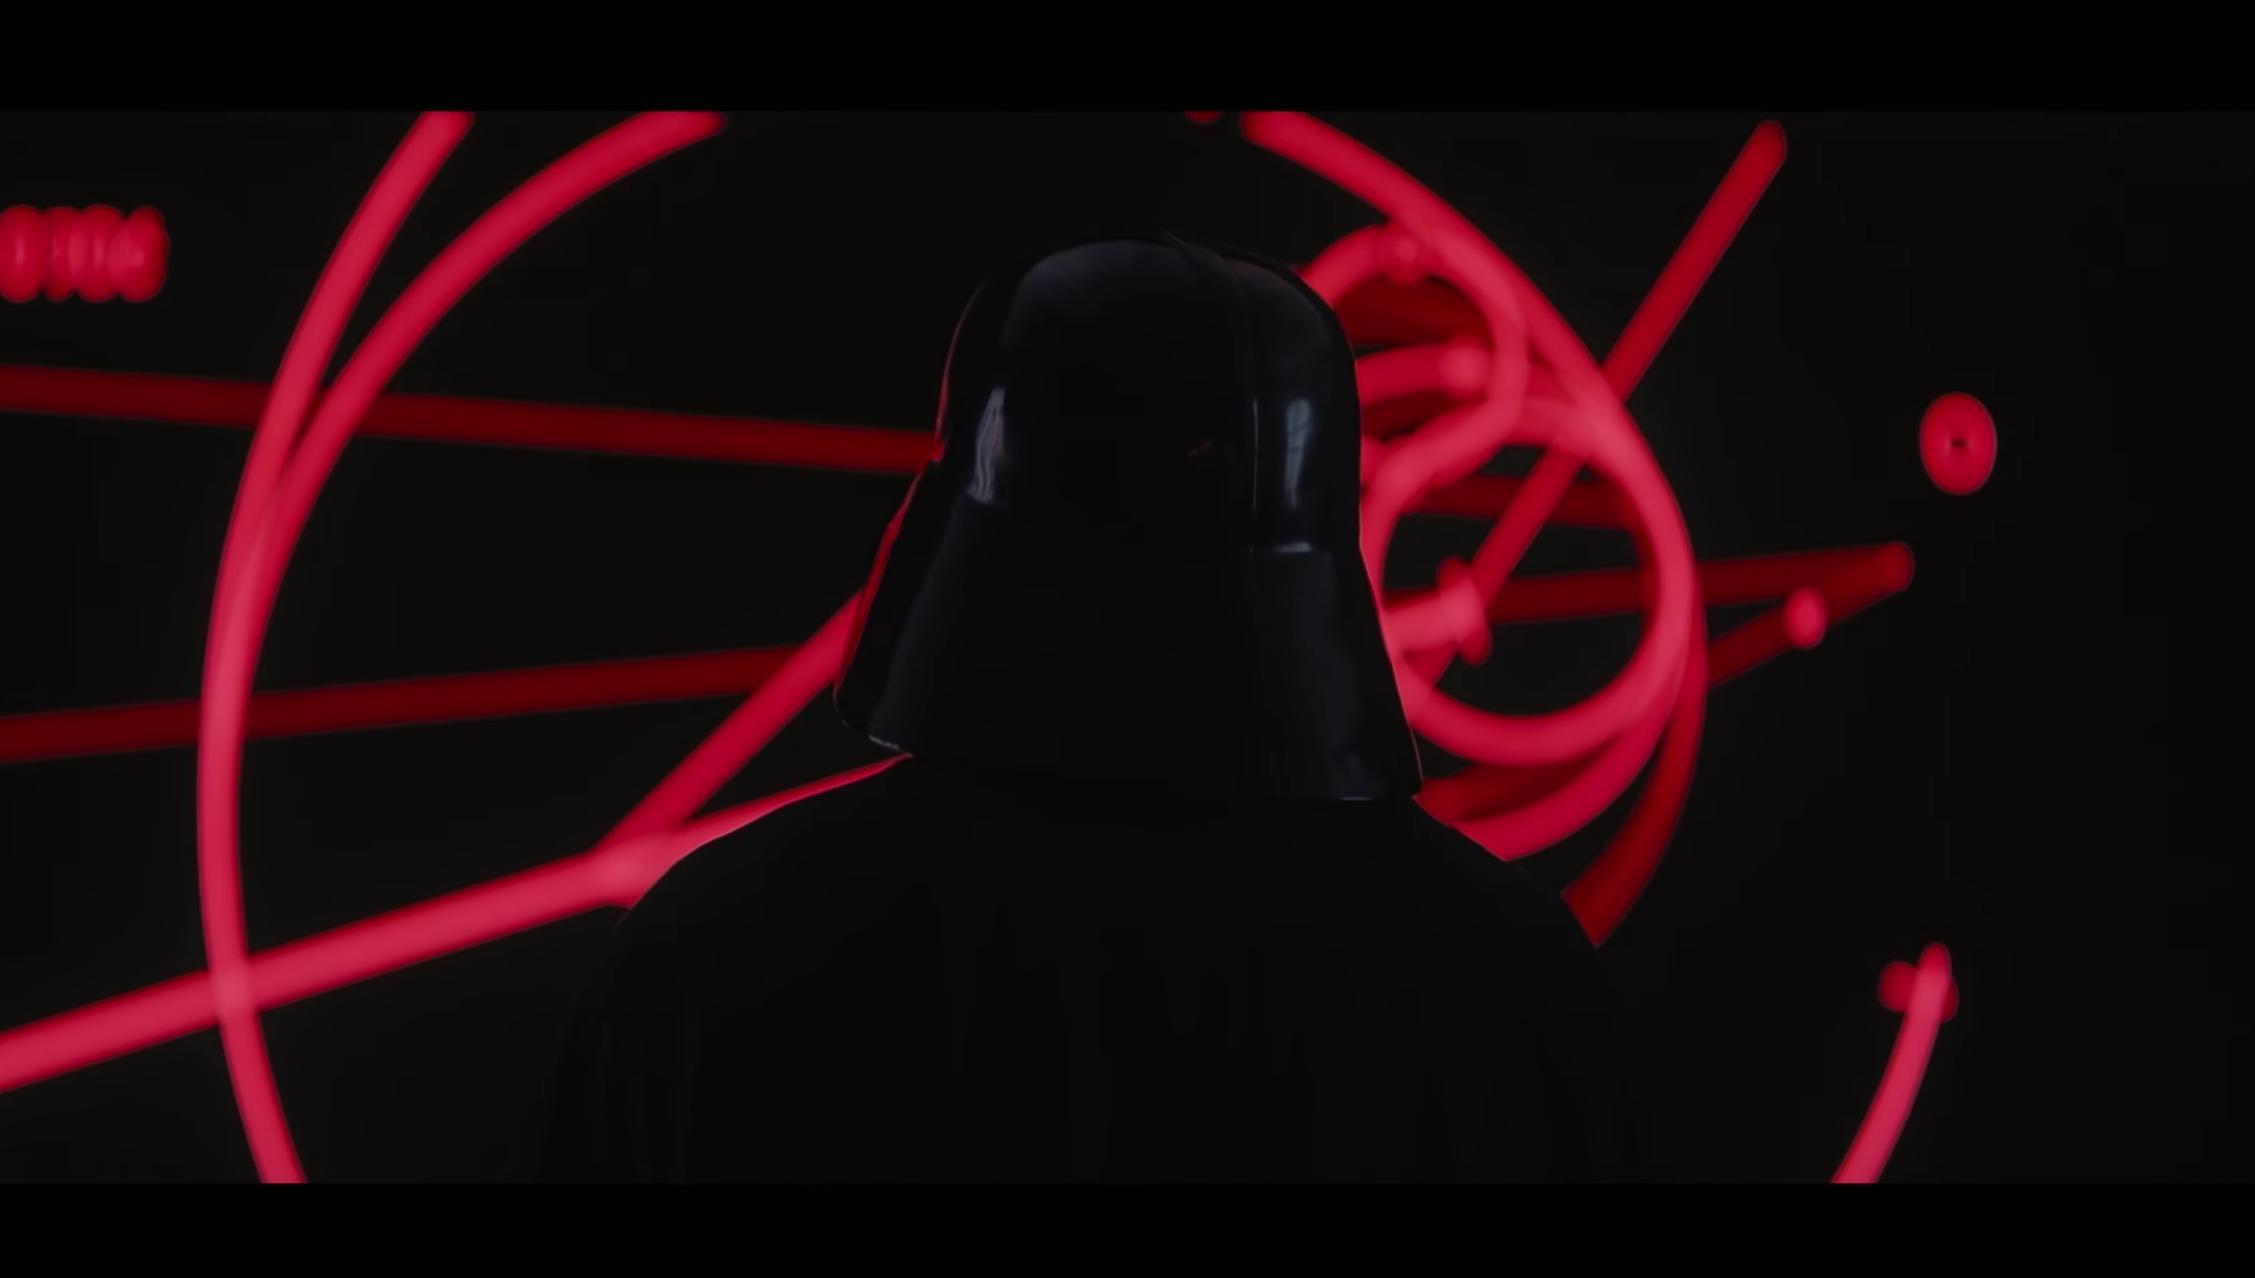 Star Wars Rogue One s'offre un nouveau trailer avec Dark Vador